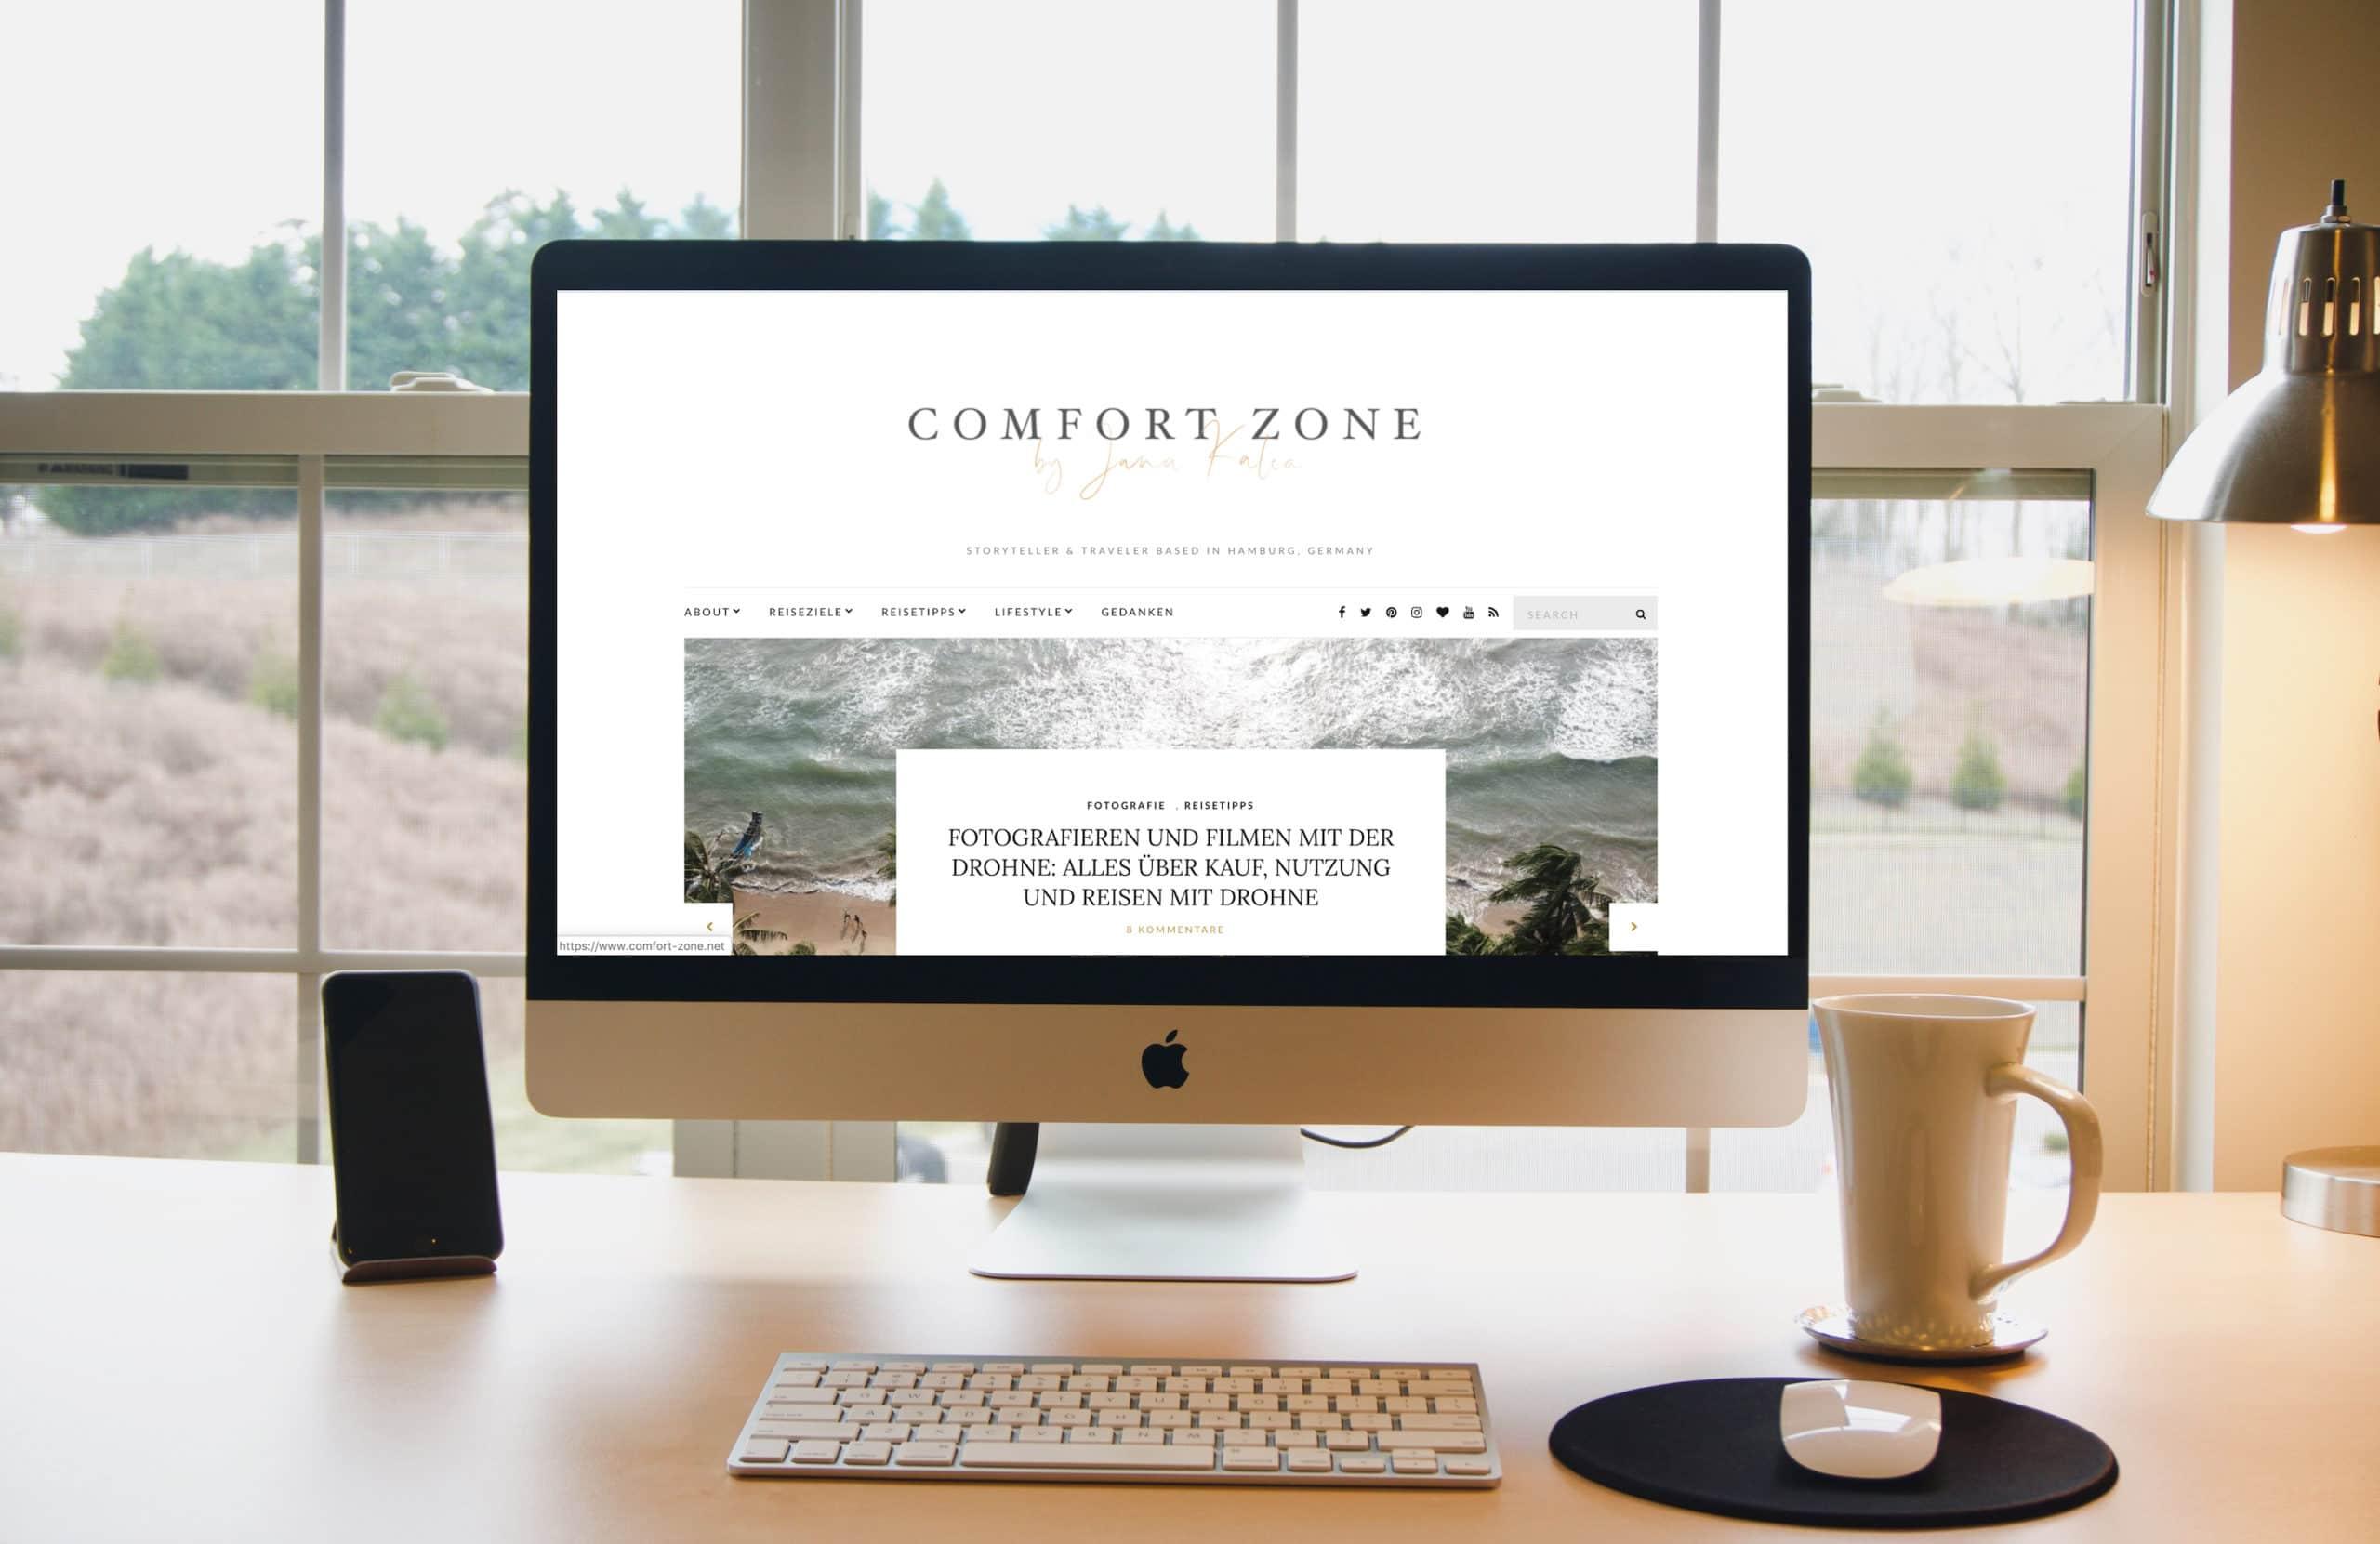 lifestyleblog reiseblog jana kalea pr kontakt